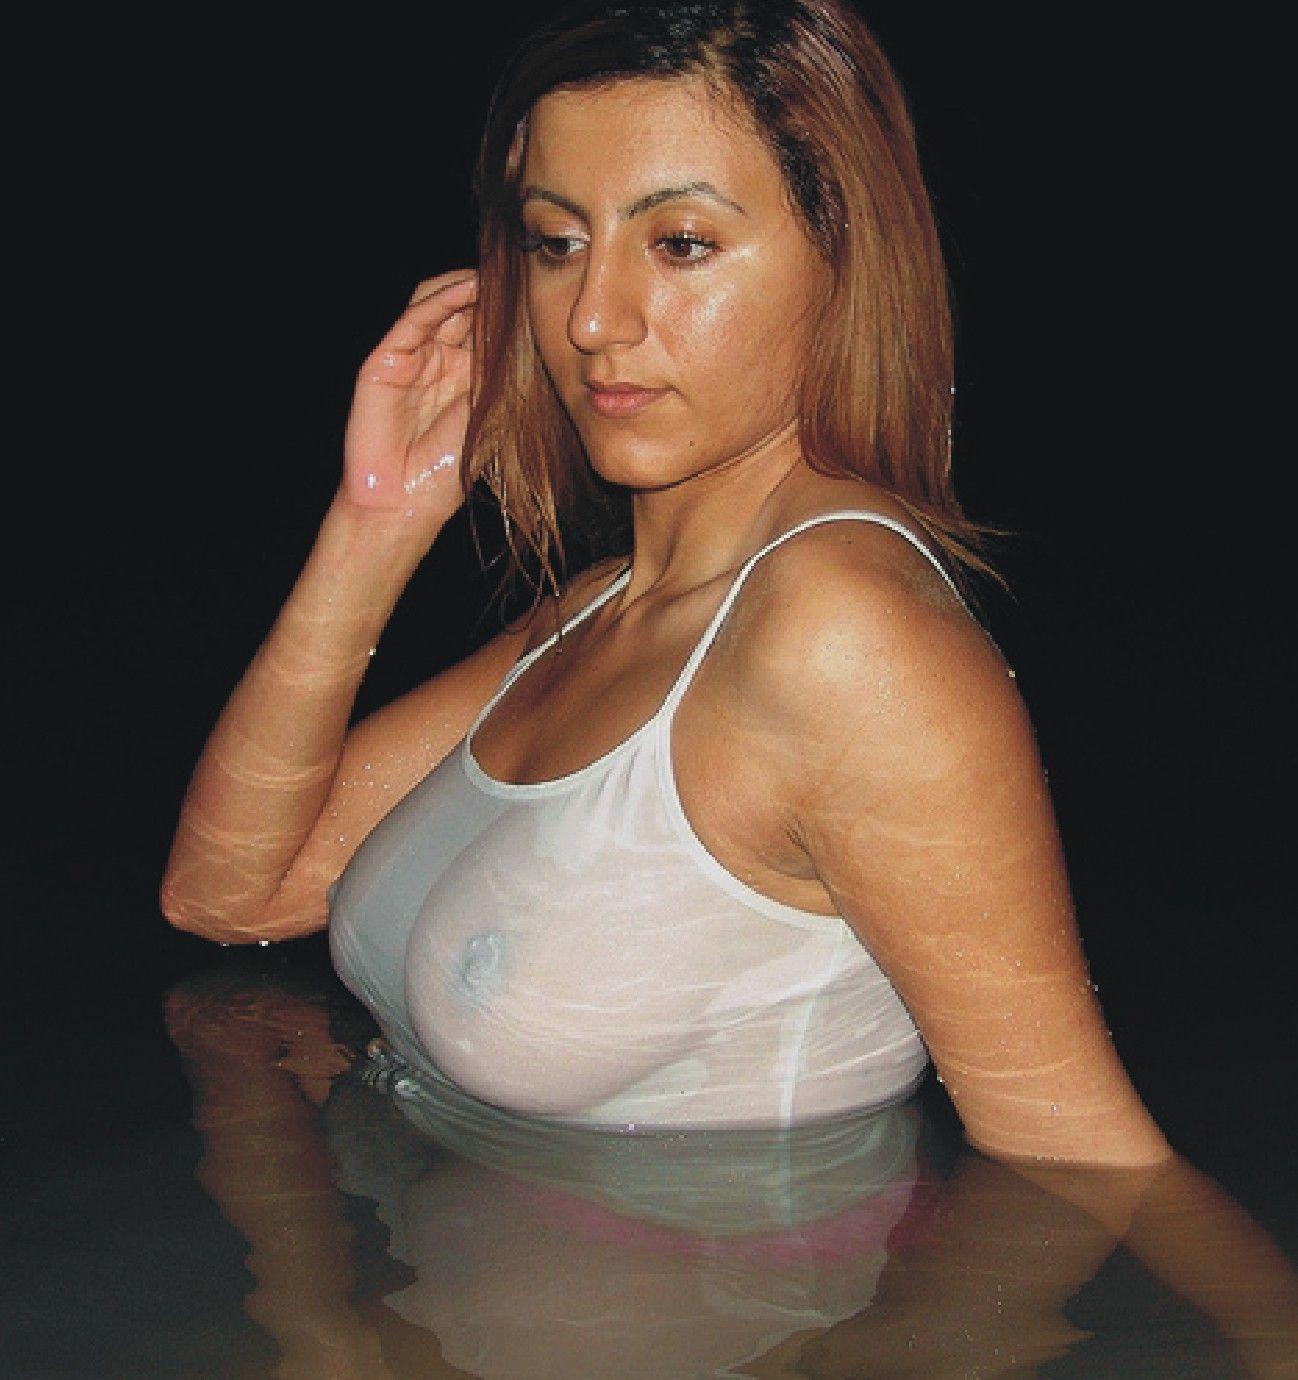 Deena big tit latina